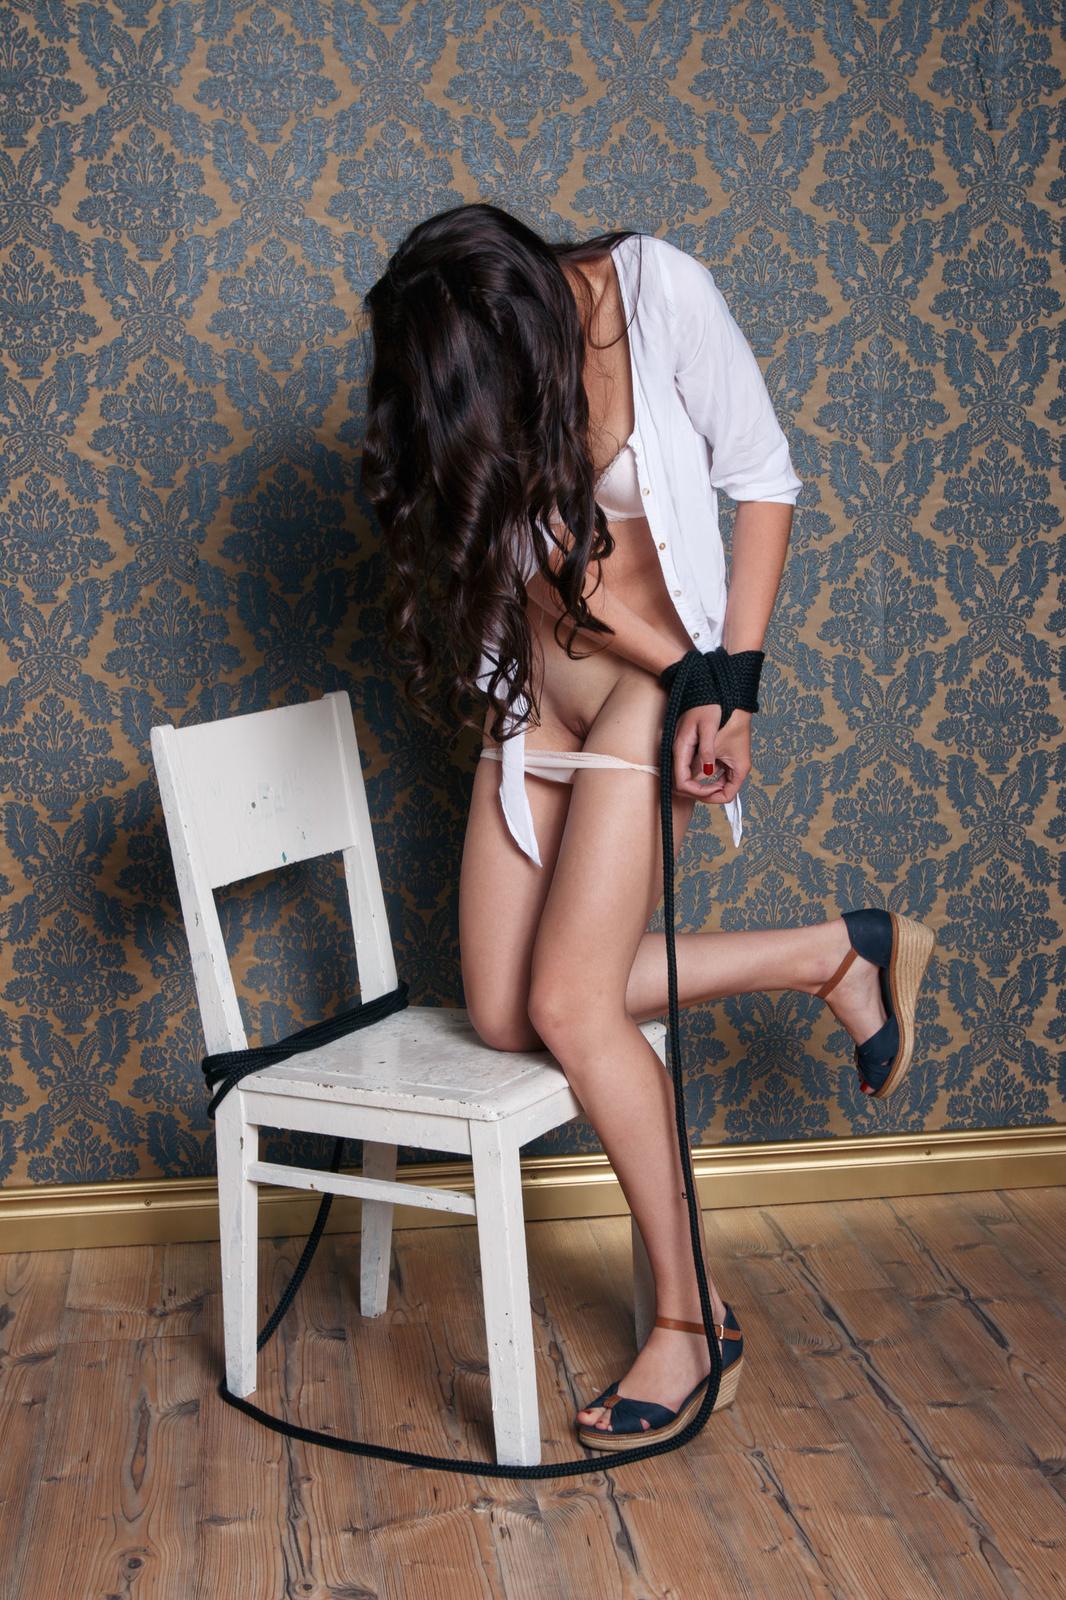 Zdjęcie porno - 101 - Brunetka w białej bieliźnie